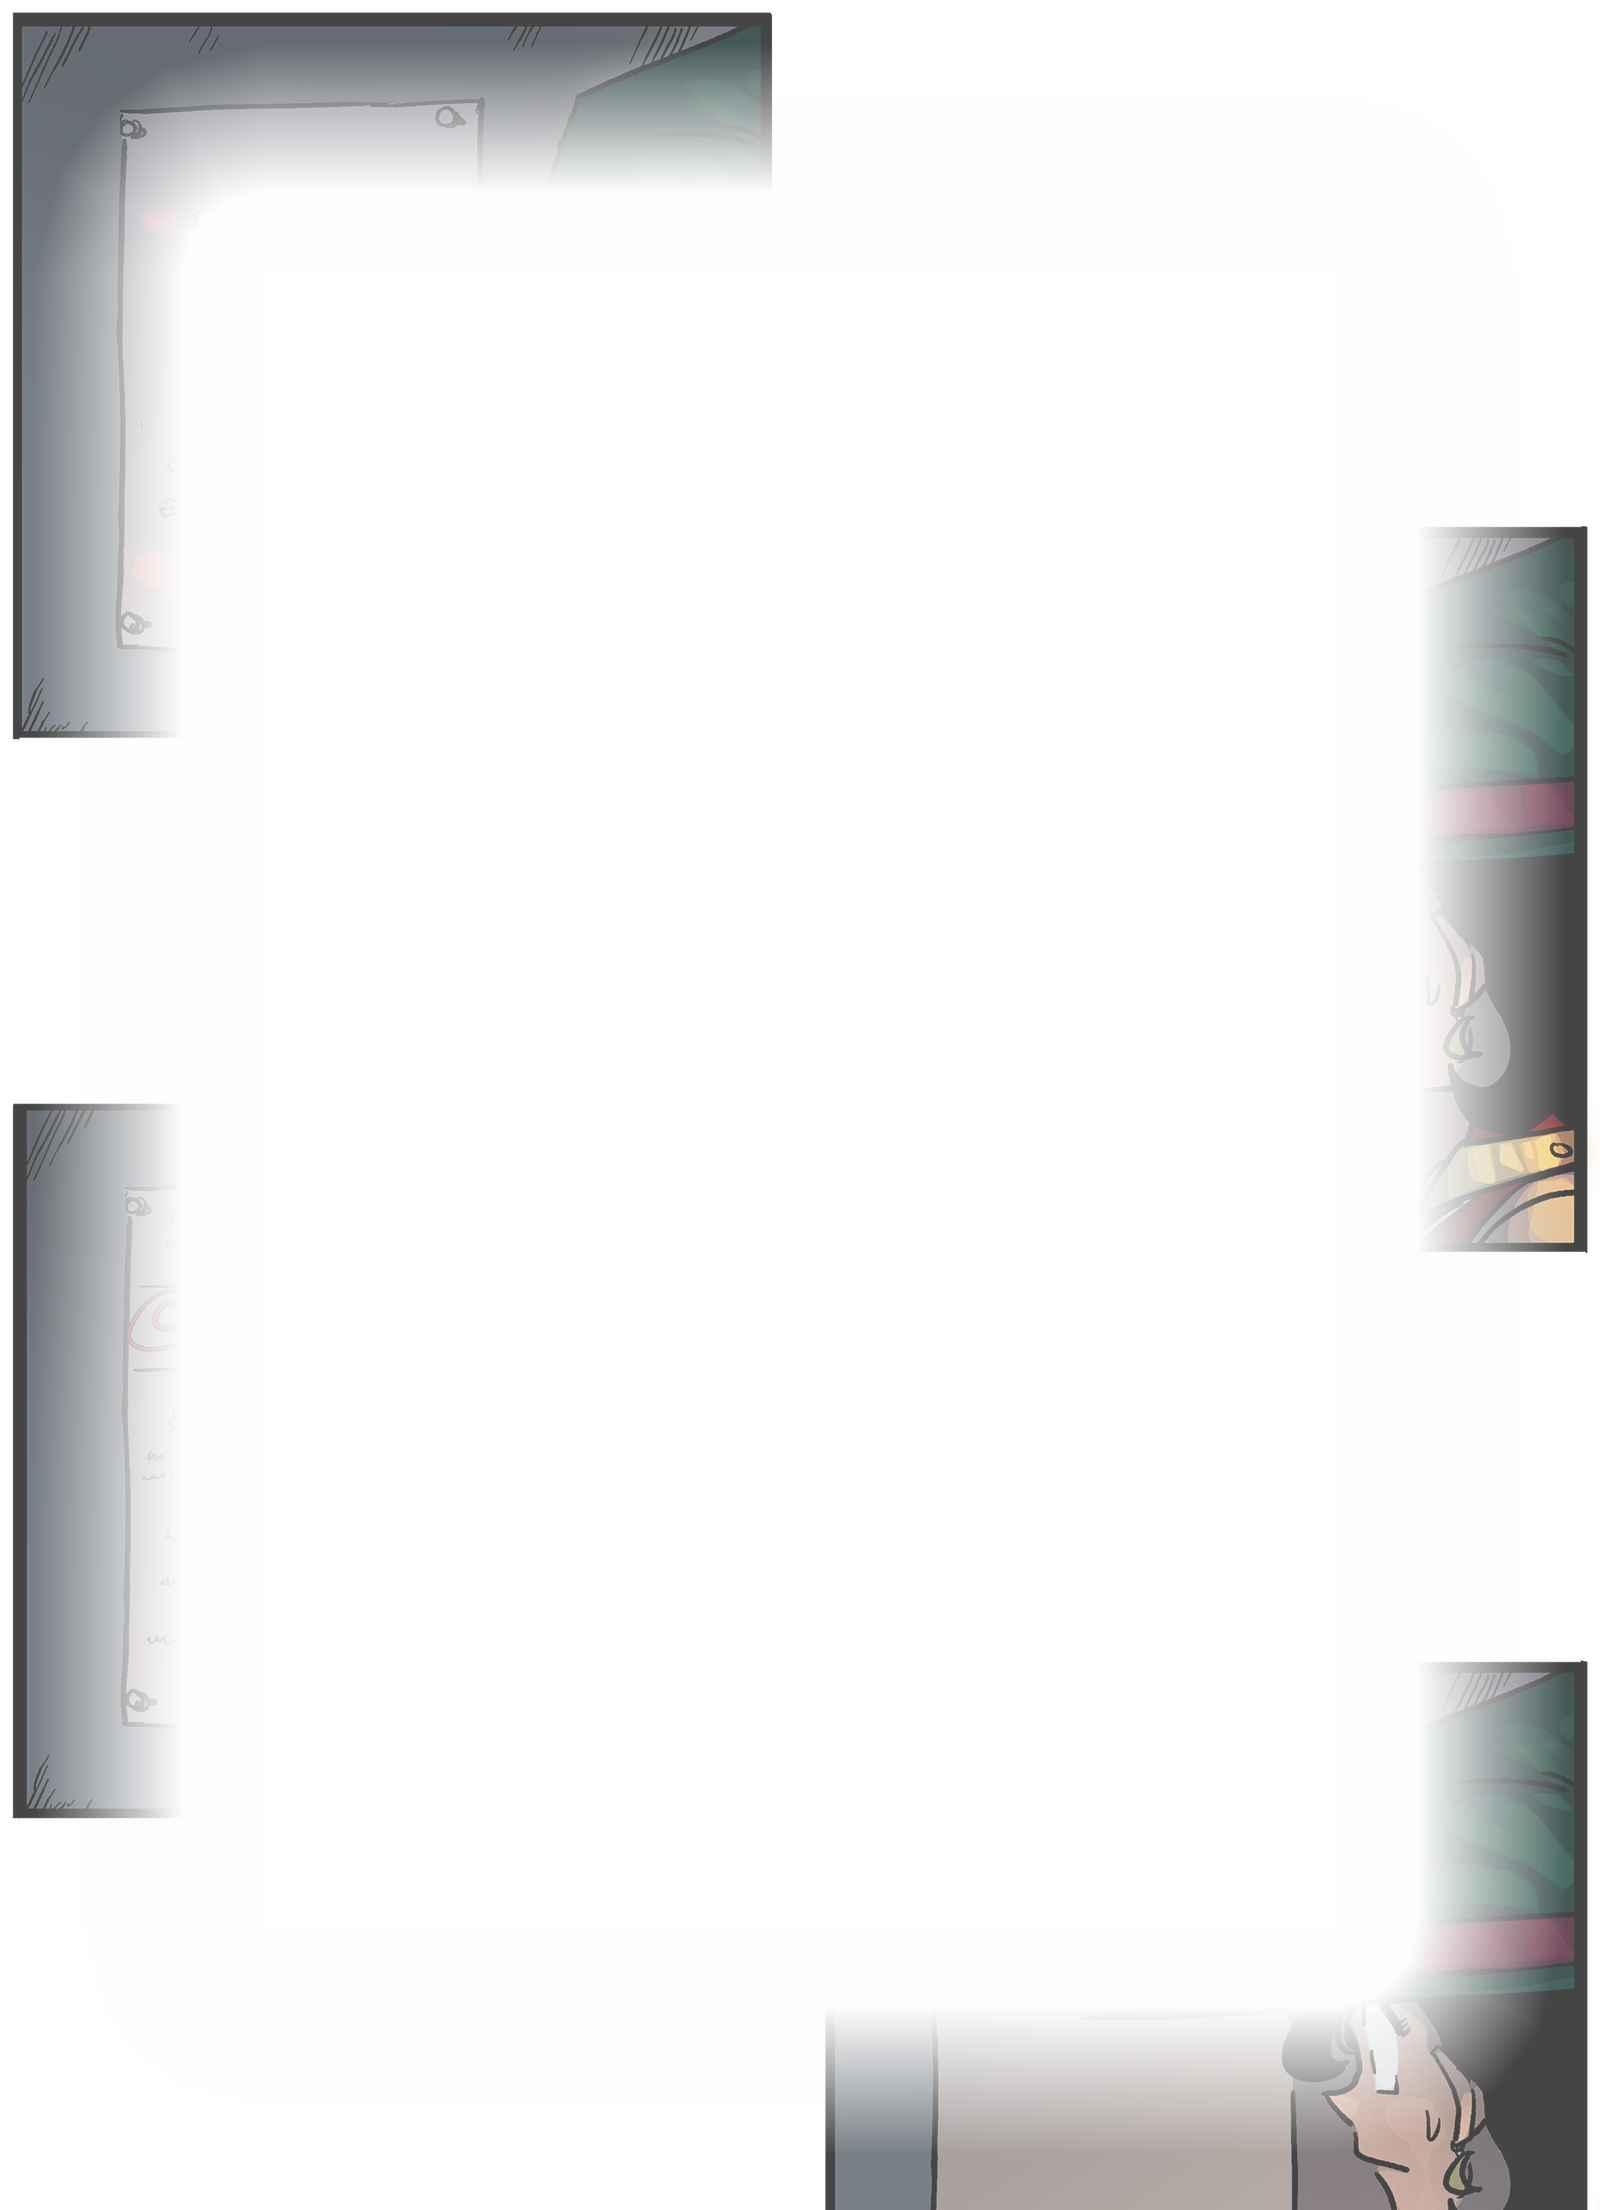 Hemisferios : Capítulo 7 página 23